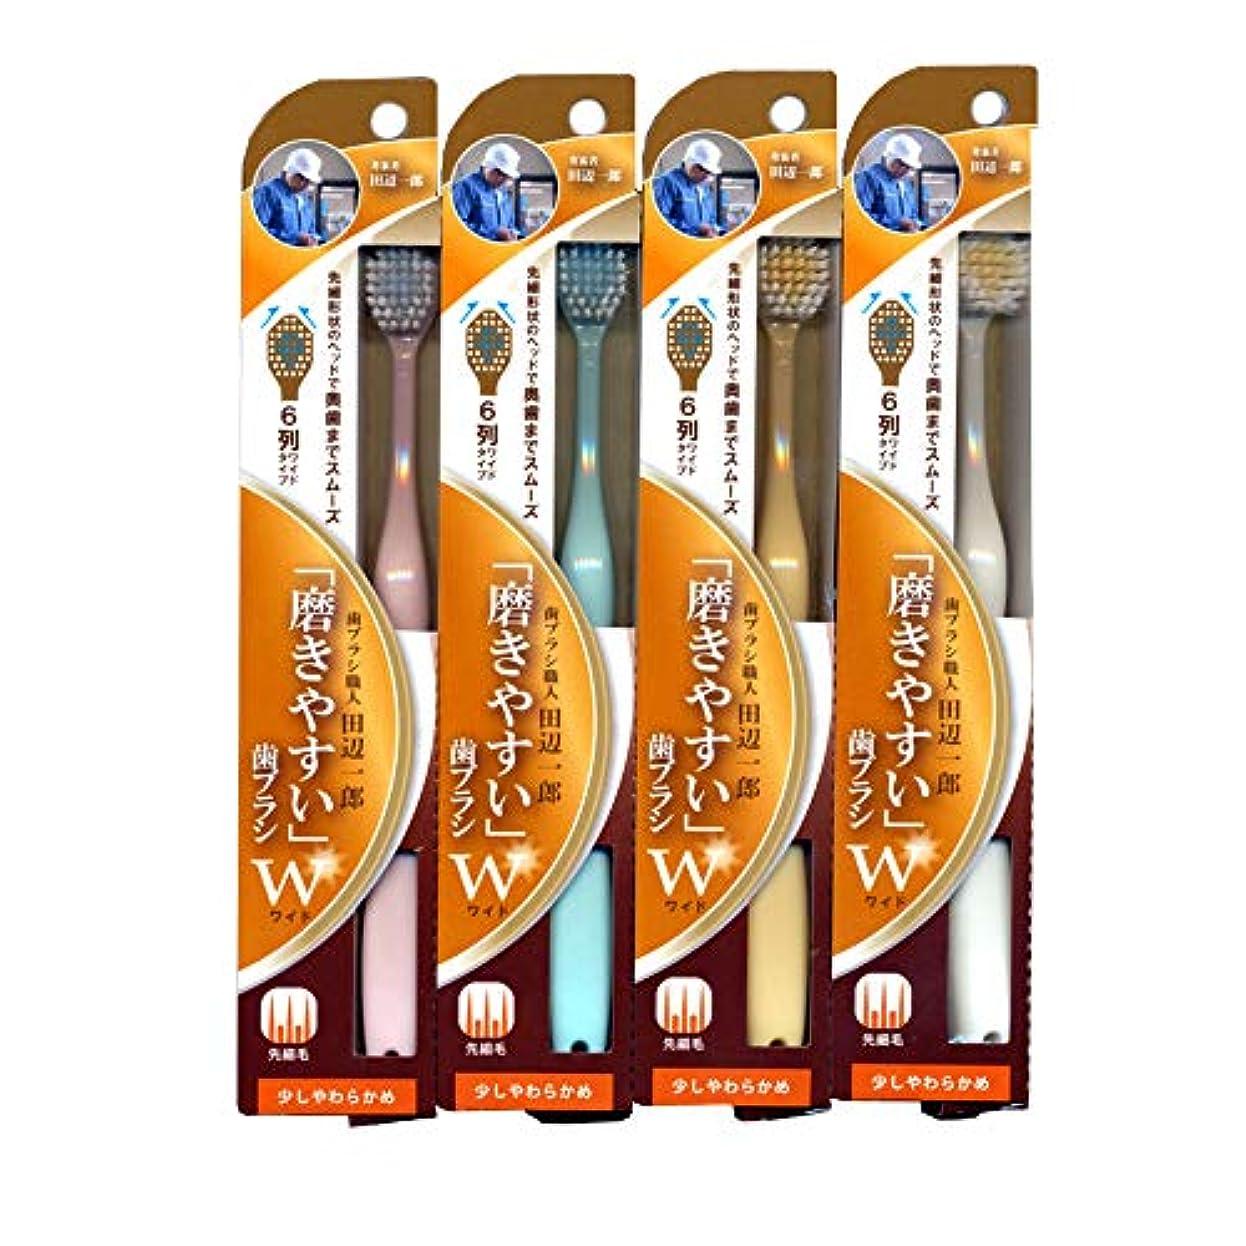 ドナーくつろぐ反応する磨きやすい歯ブラシ (少し柔らかめ) 6列ワイドタイプ LT-46×4本セット (ピンク×1、ブルー×1、ホワイト×1、イエロー×1)(先細毛)